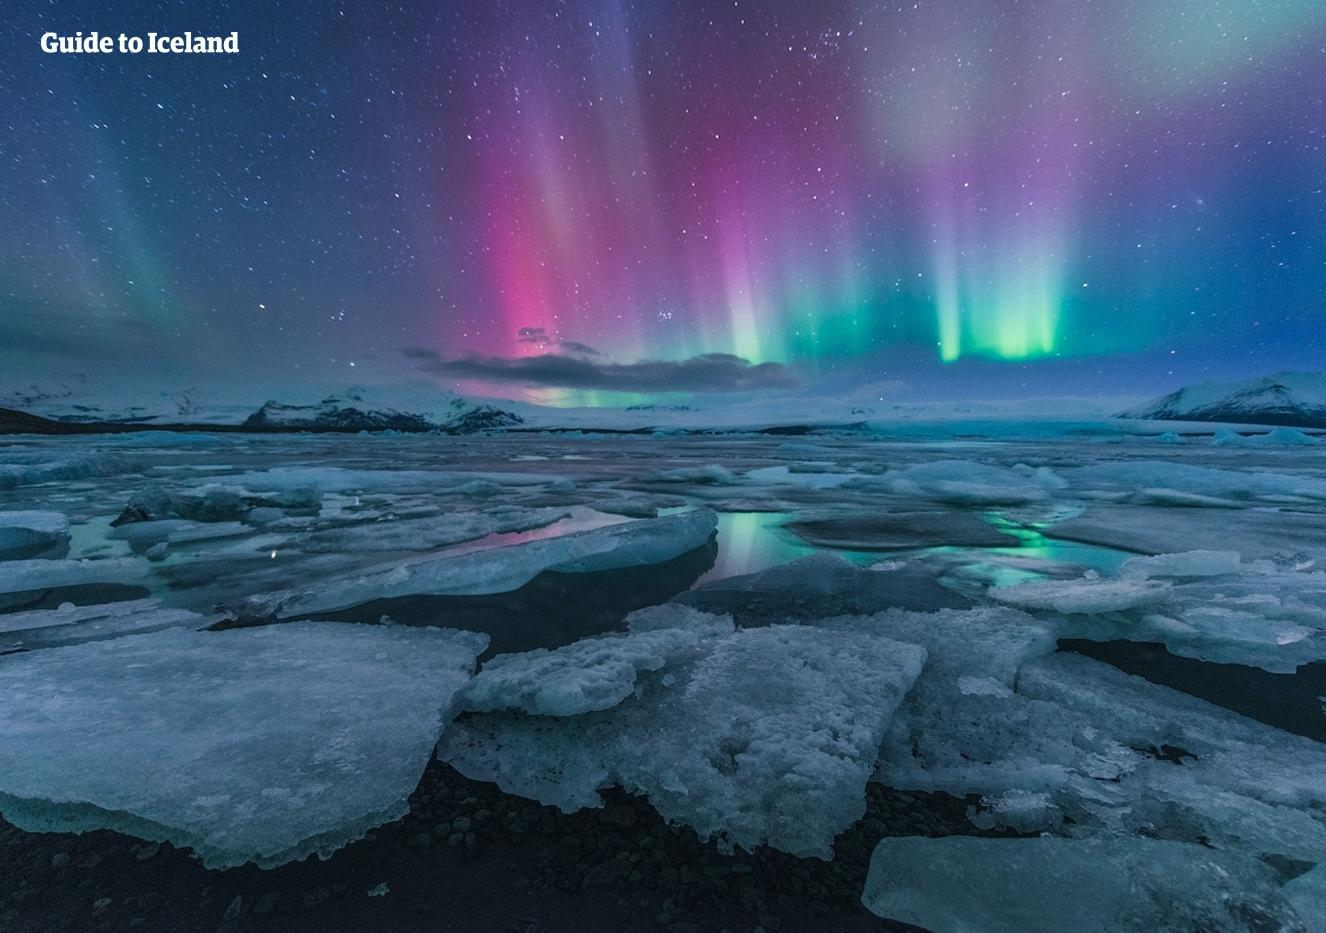 Blåt nordlys danser med lilla nuancer over Sydislands Jökulsárlón-gletsjerlagune om vinteren.